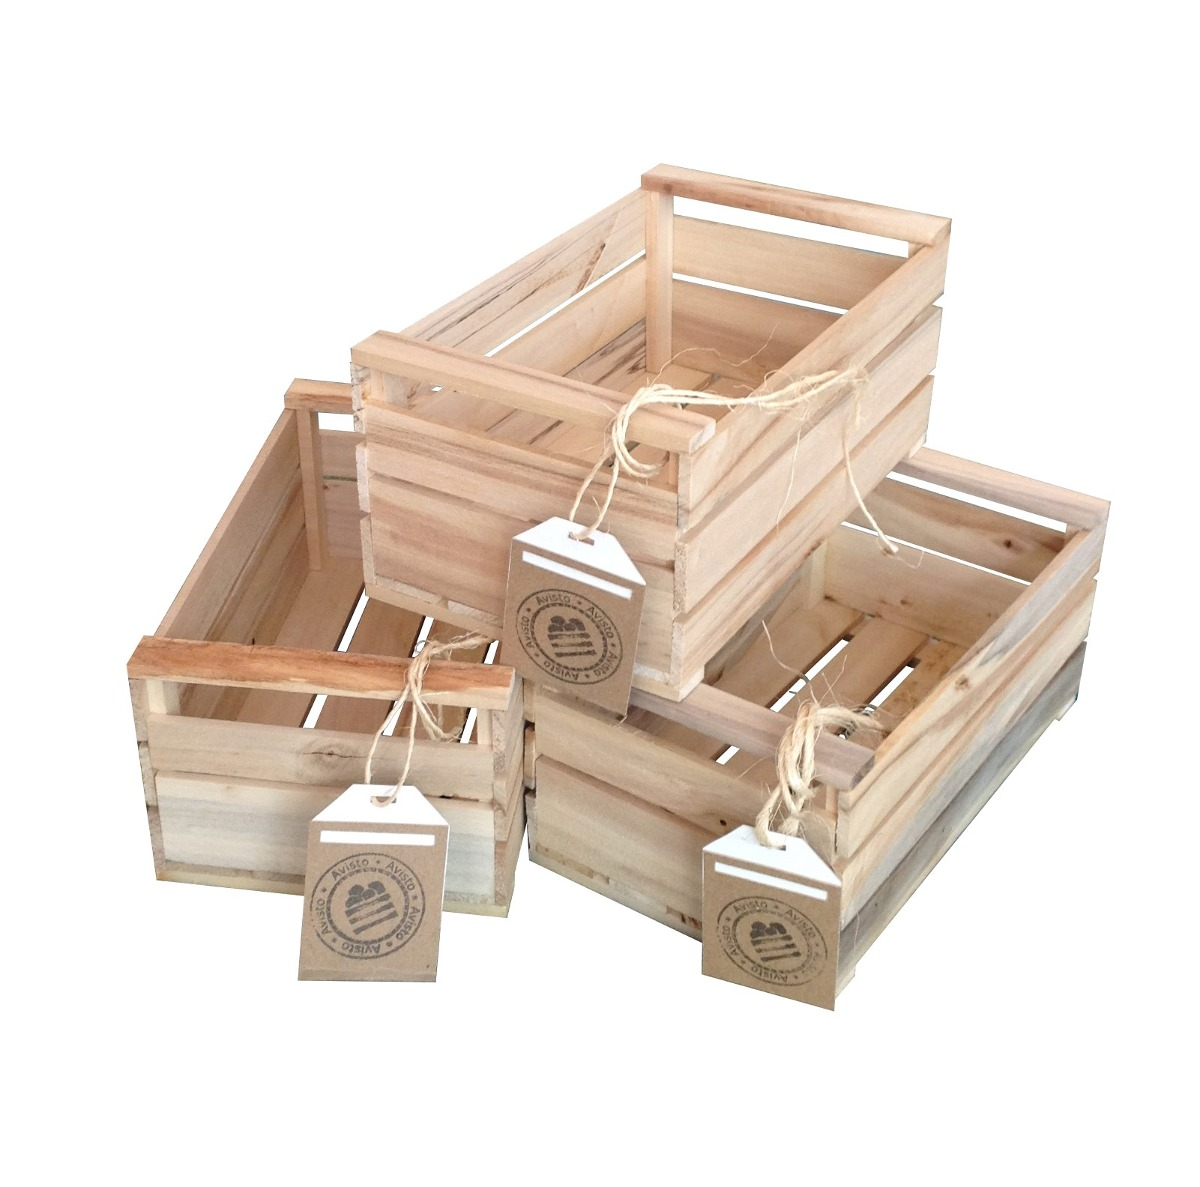 Cajas de madera para decorar comprar caja de madera para los petardos bandeja country xx caja - Comprar cajas de madera para decorar ...